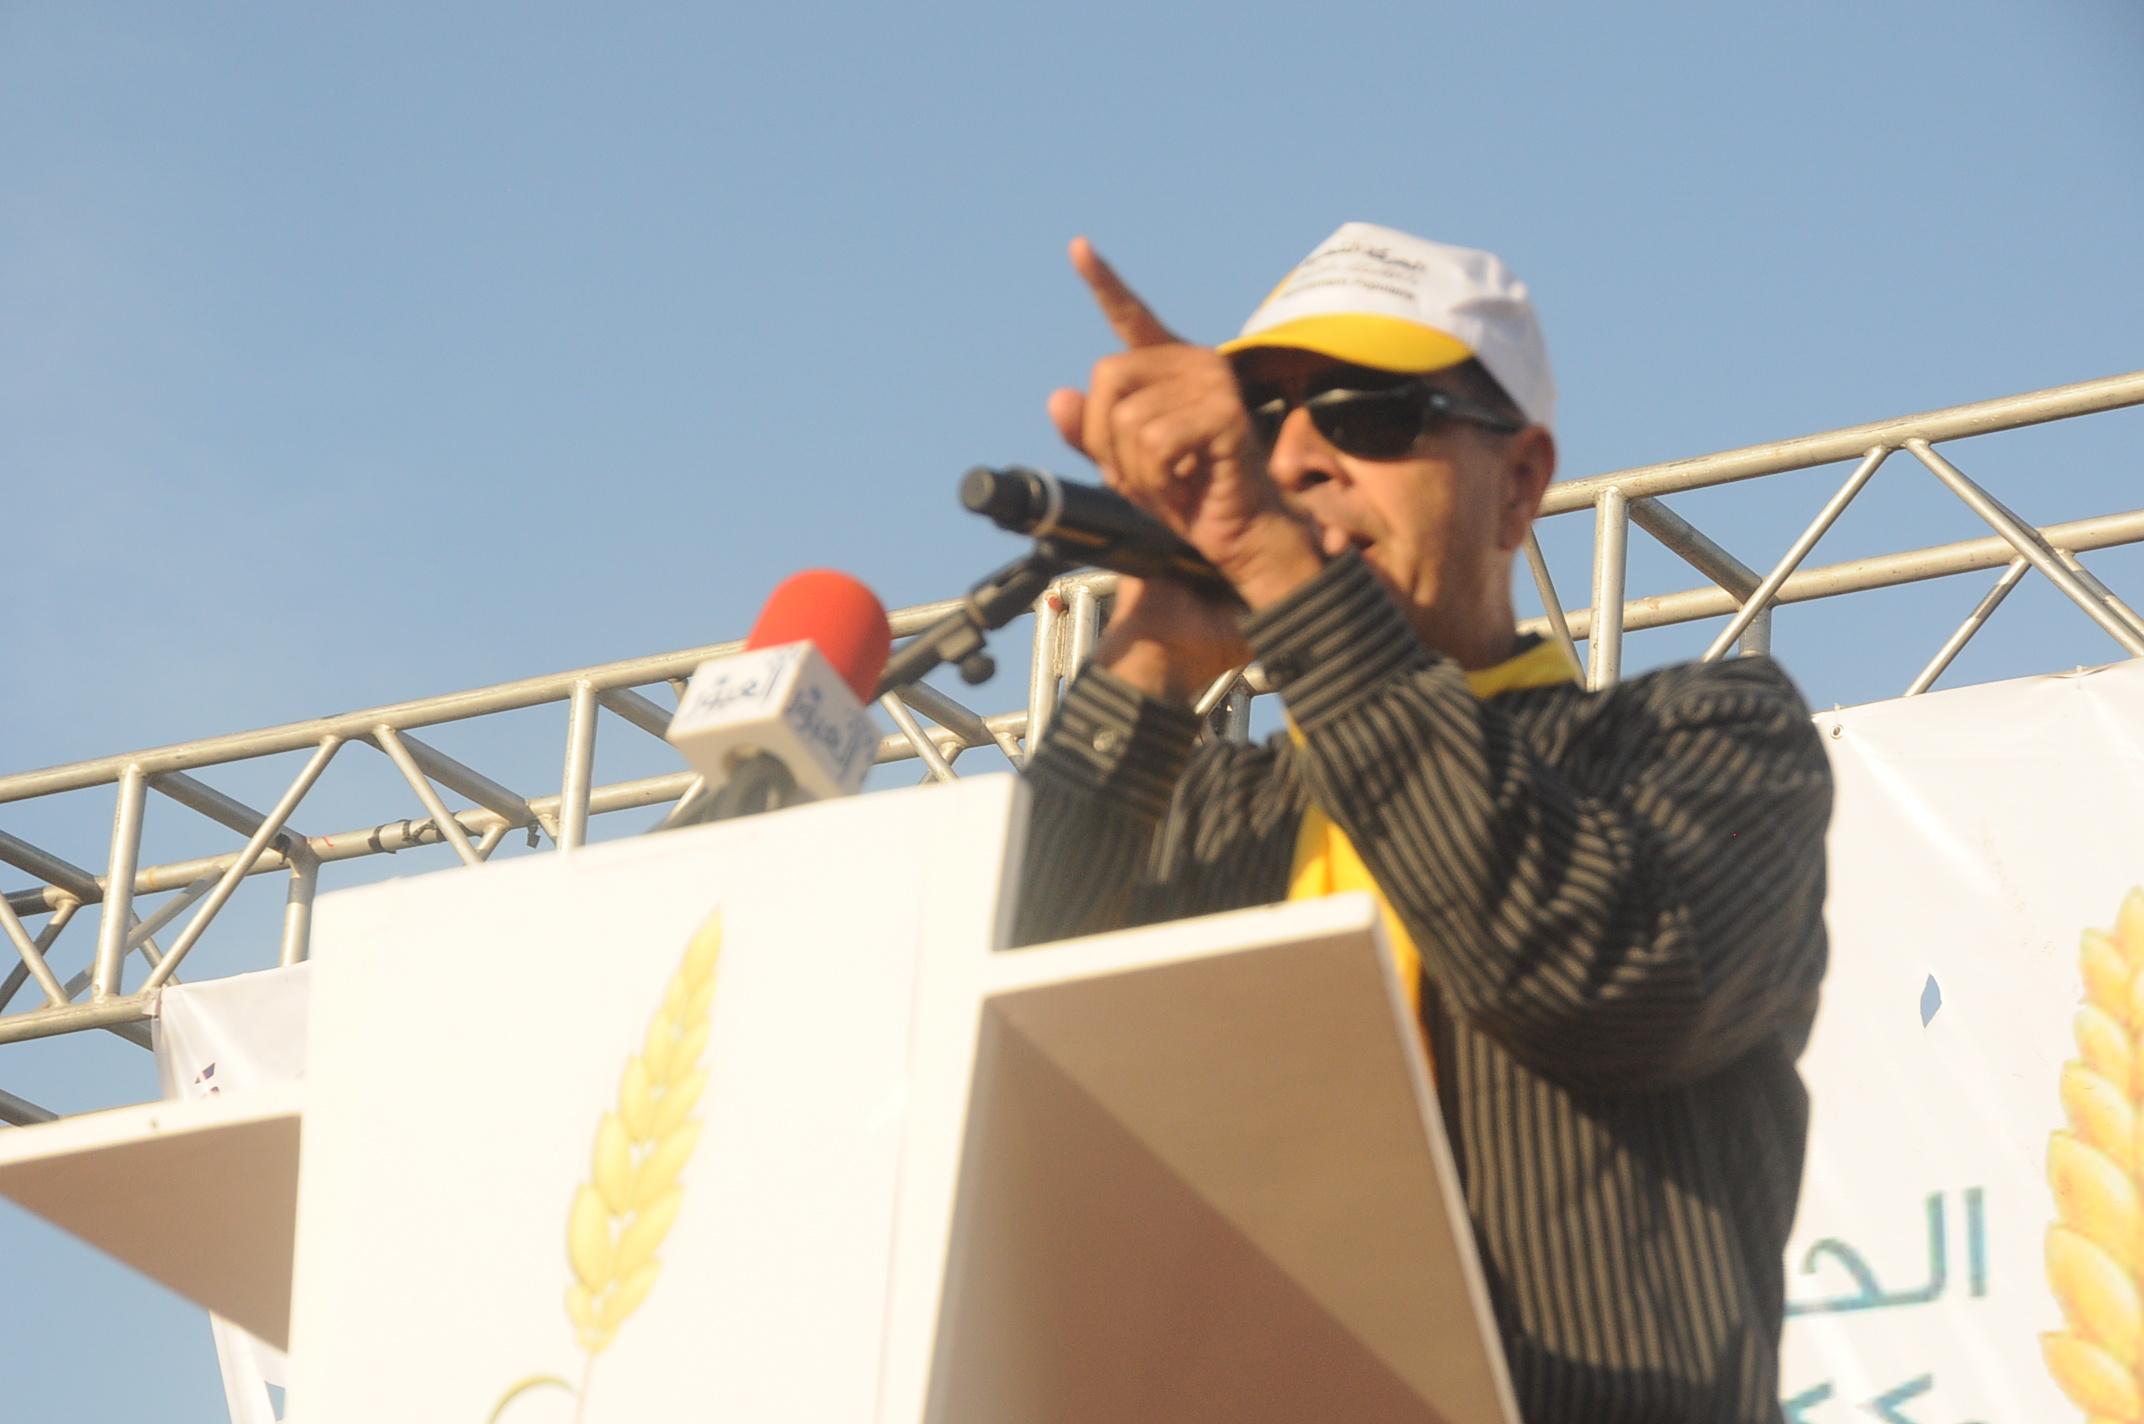 حزب الحركة الشعبية ينزل بقوة في حملته الانتخابية ..والعنصر: المغرب اختار التعددية